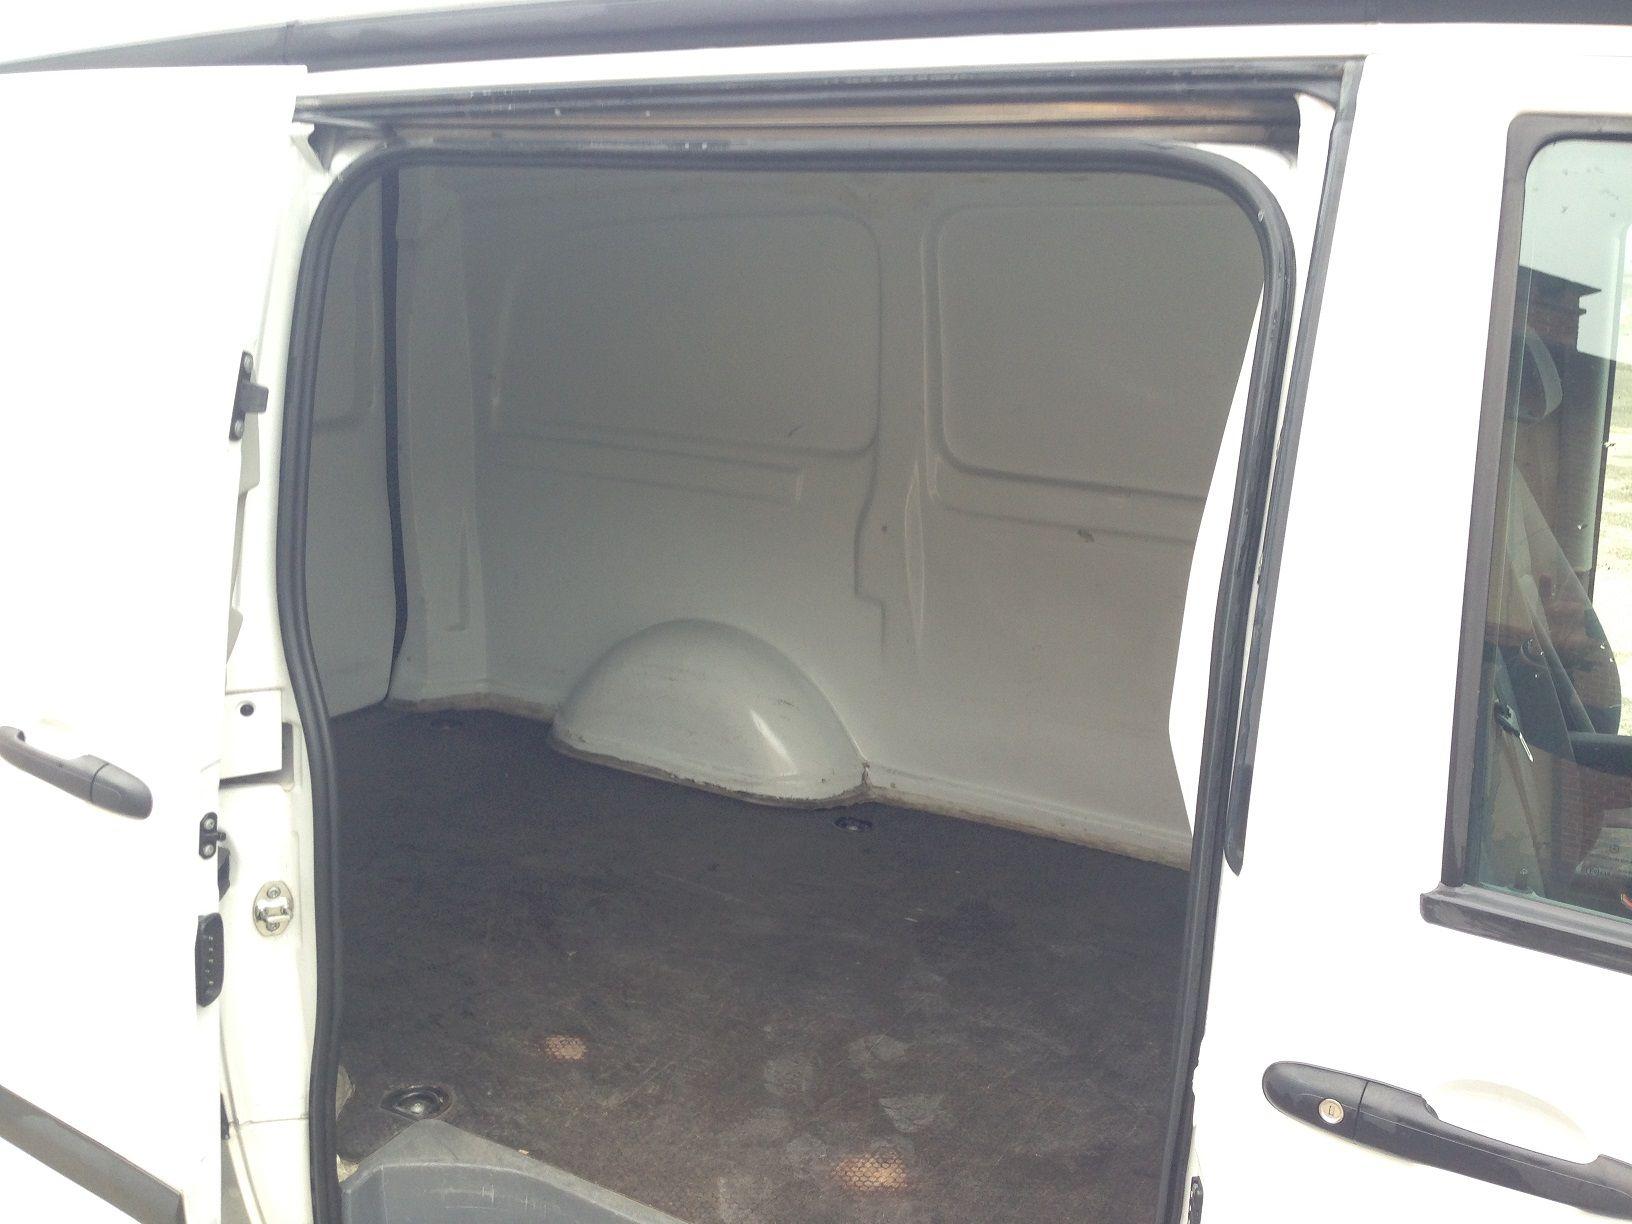 http://www.fvauto.it - Compro auto usate. Furgone in OTTIME condizioni generali, interni molto ben tenuti, cambio manuale, ABS, Chiusura centralizzata, Climatizzatore, COIBENTATO TEMPERATURA CONTROLLATA. Si valutano permute.